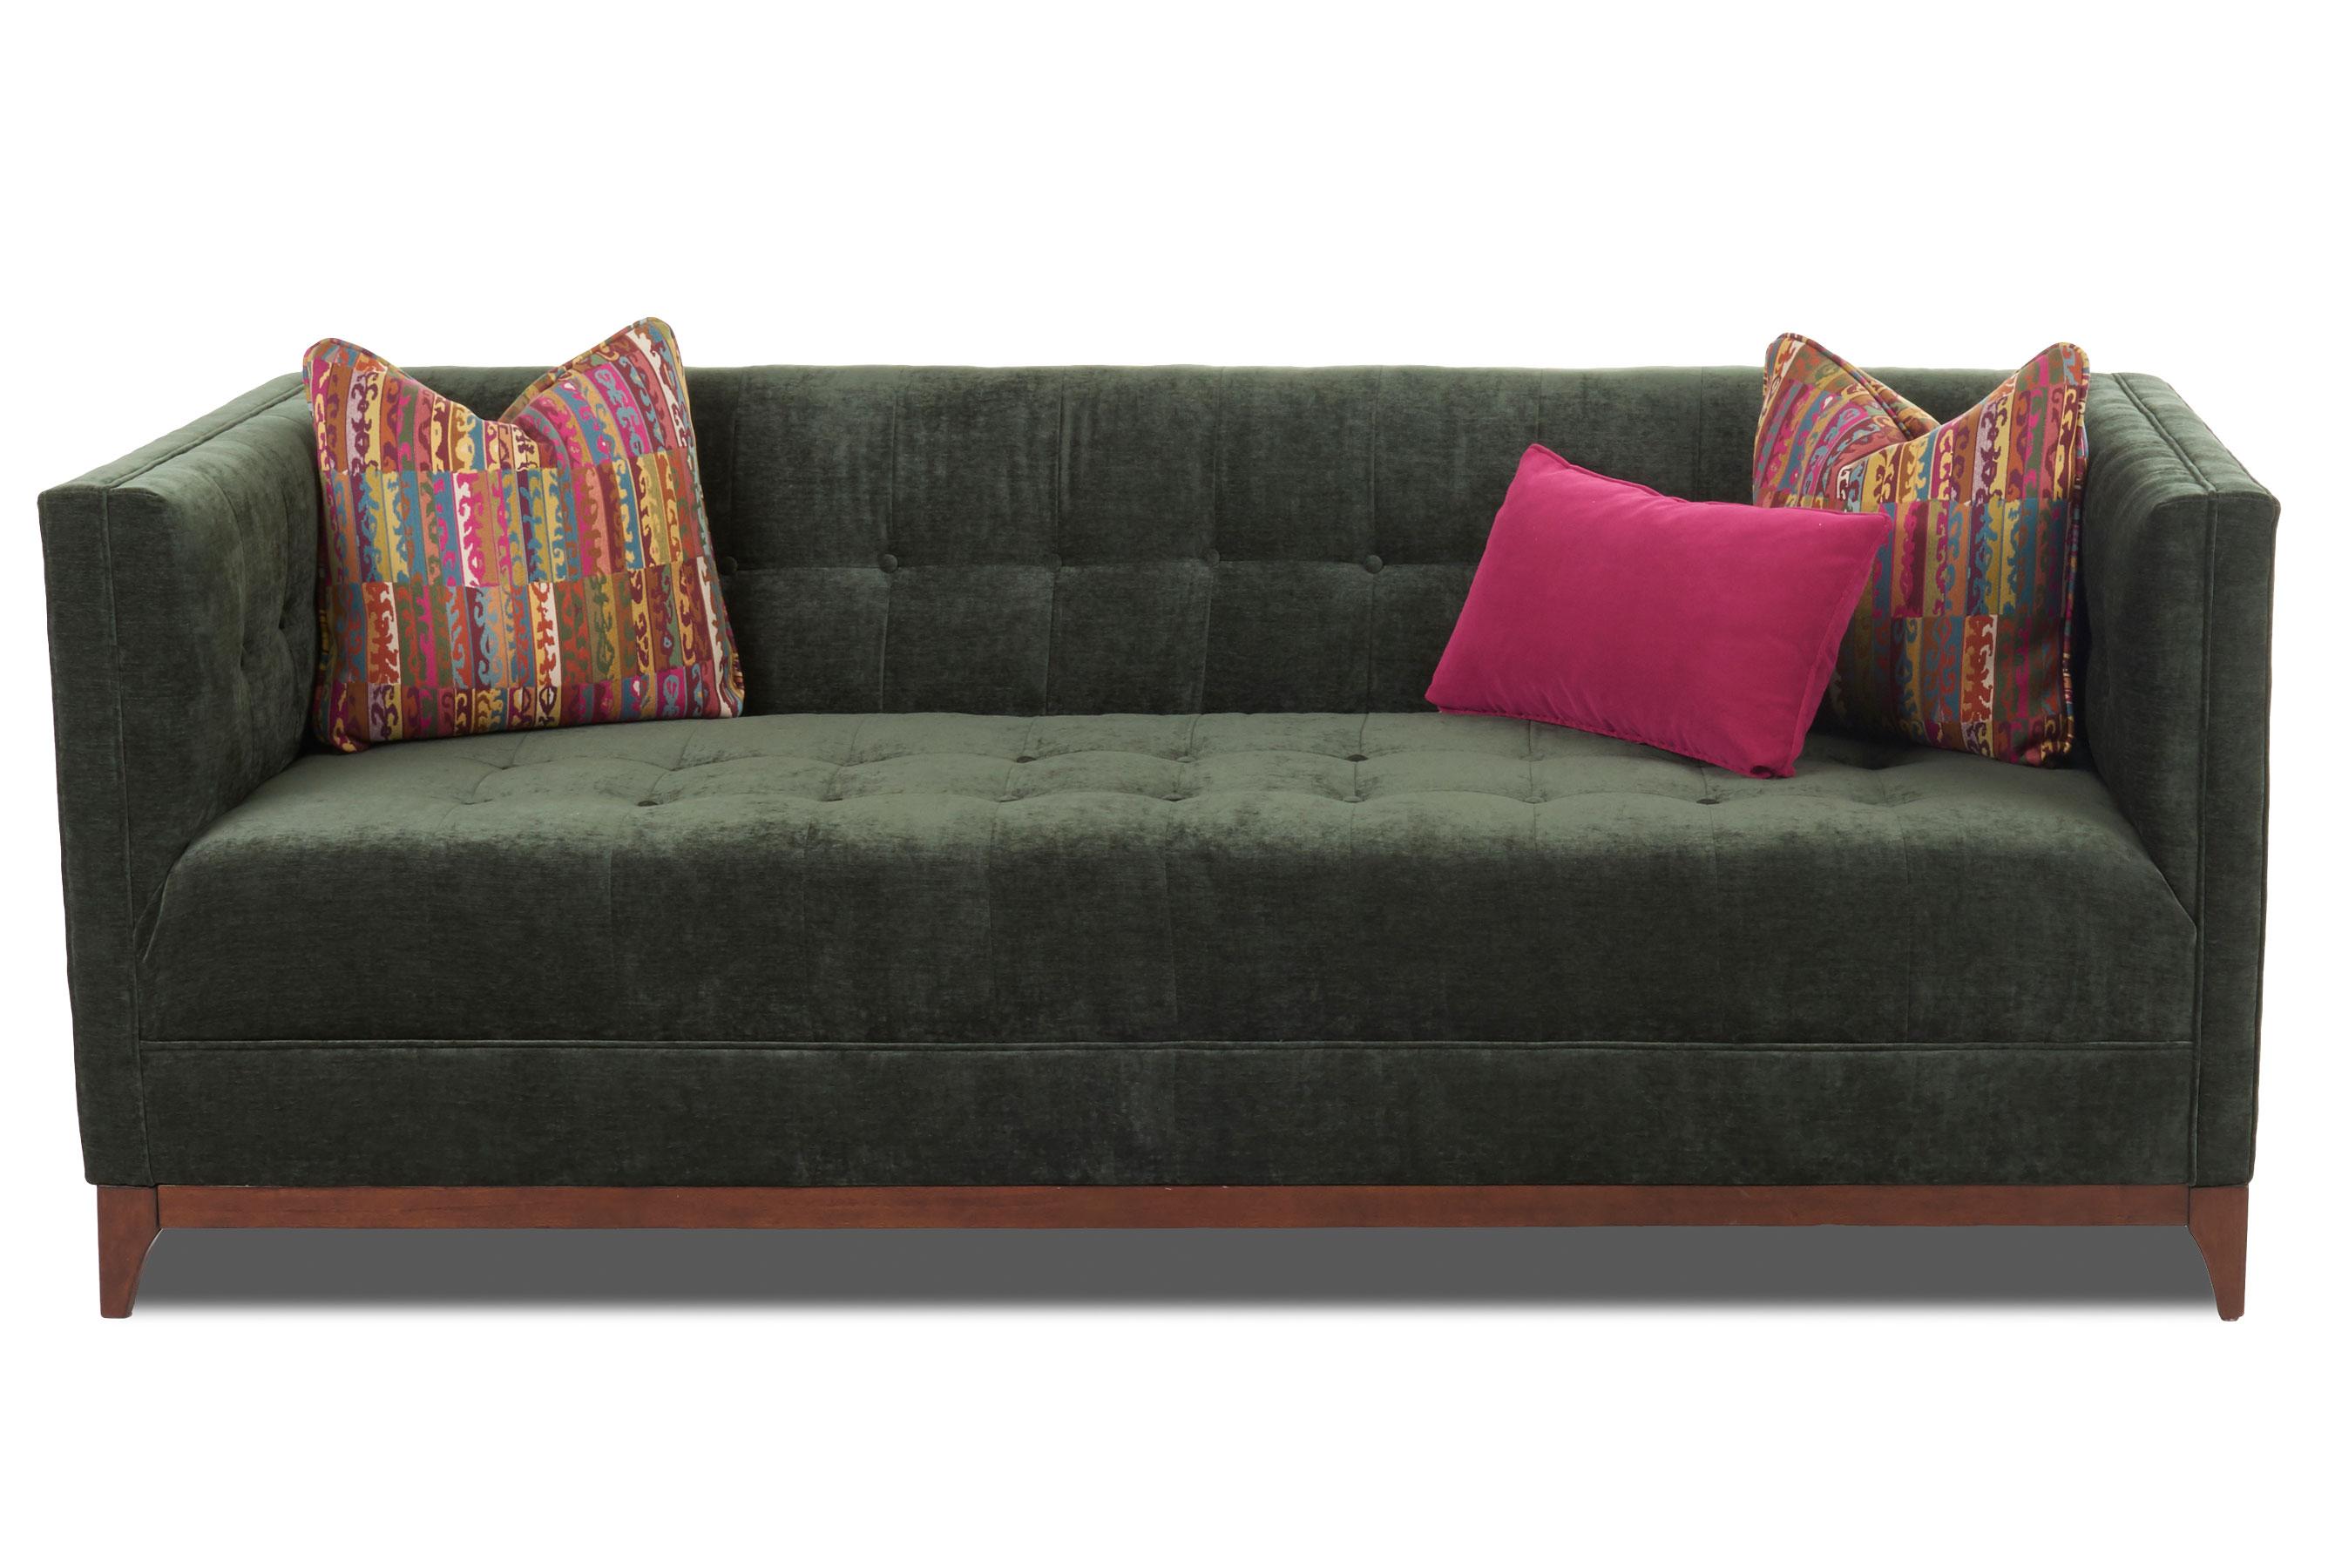 Wondrous Boulevard 86 Sofa W Down Cushions Sofas And Sectionals Inzonedesignstudio Interior Chair Design Inzonedesignstudiocom